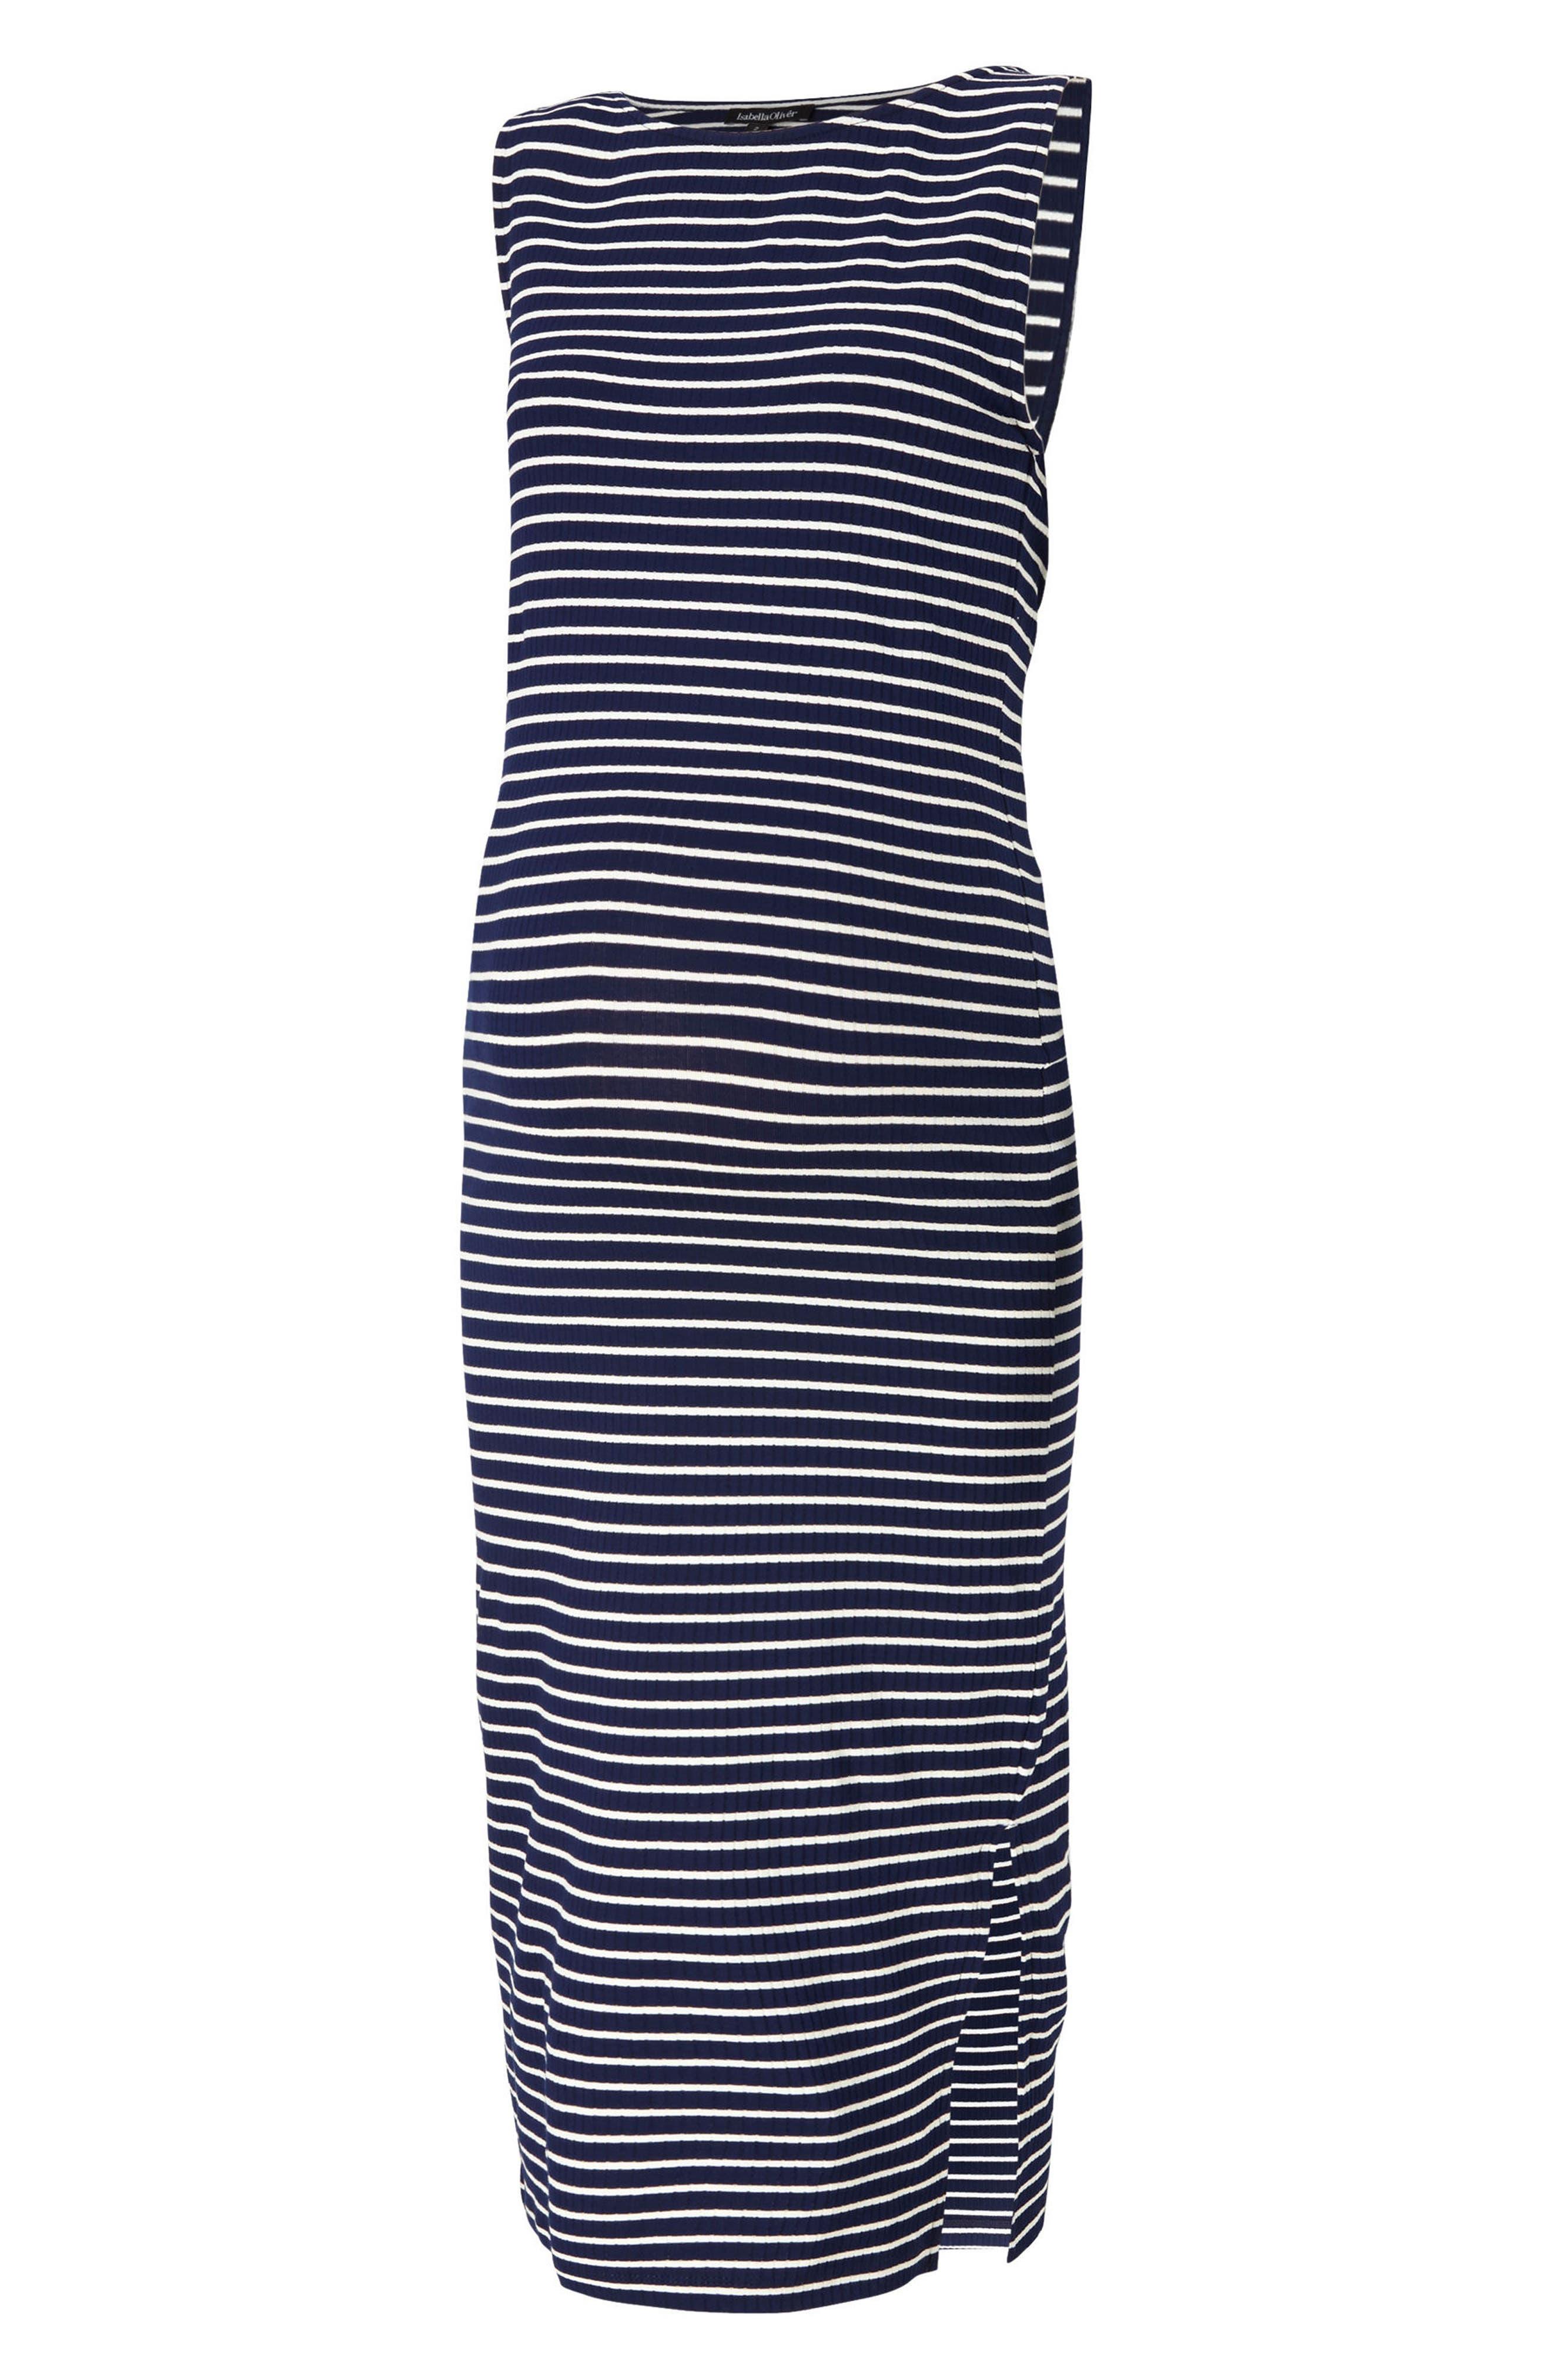 Katerina Ribbed Maternity Tank Dress,                         Main,                         color, Navy/ White Rib